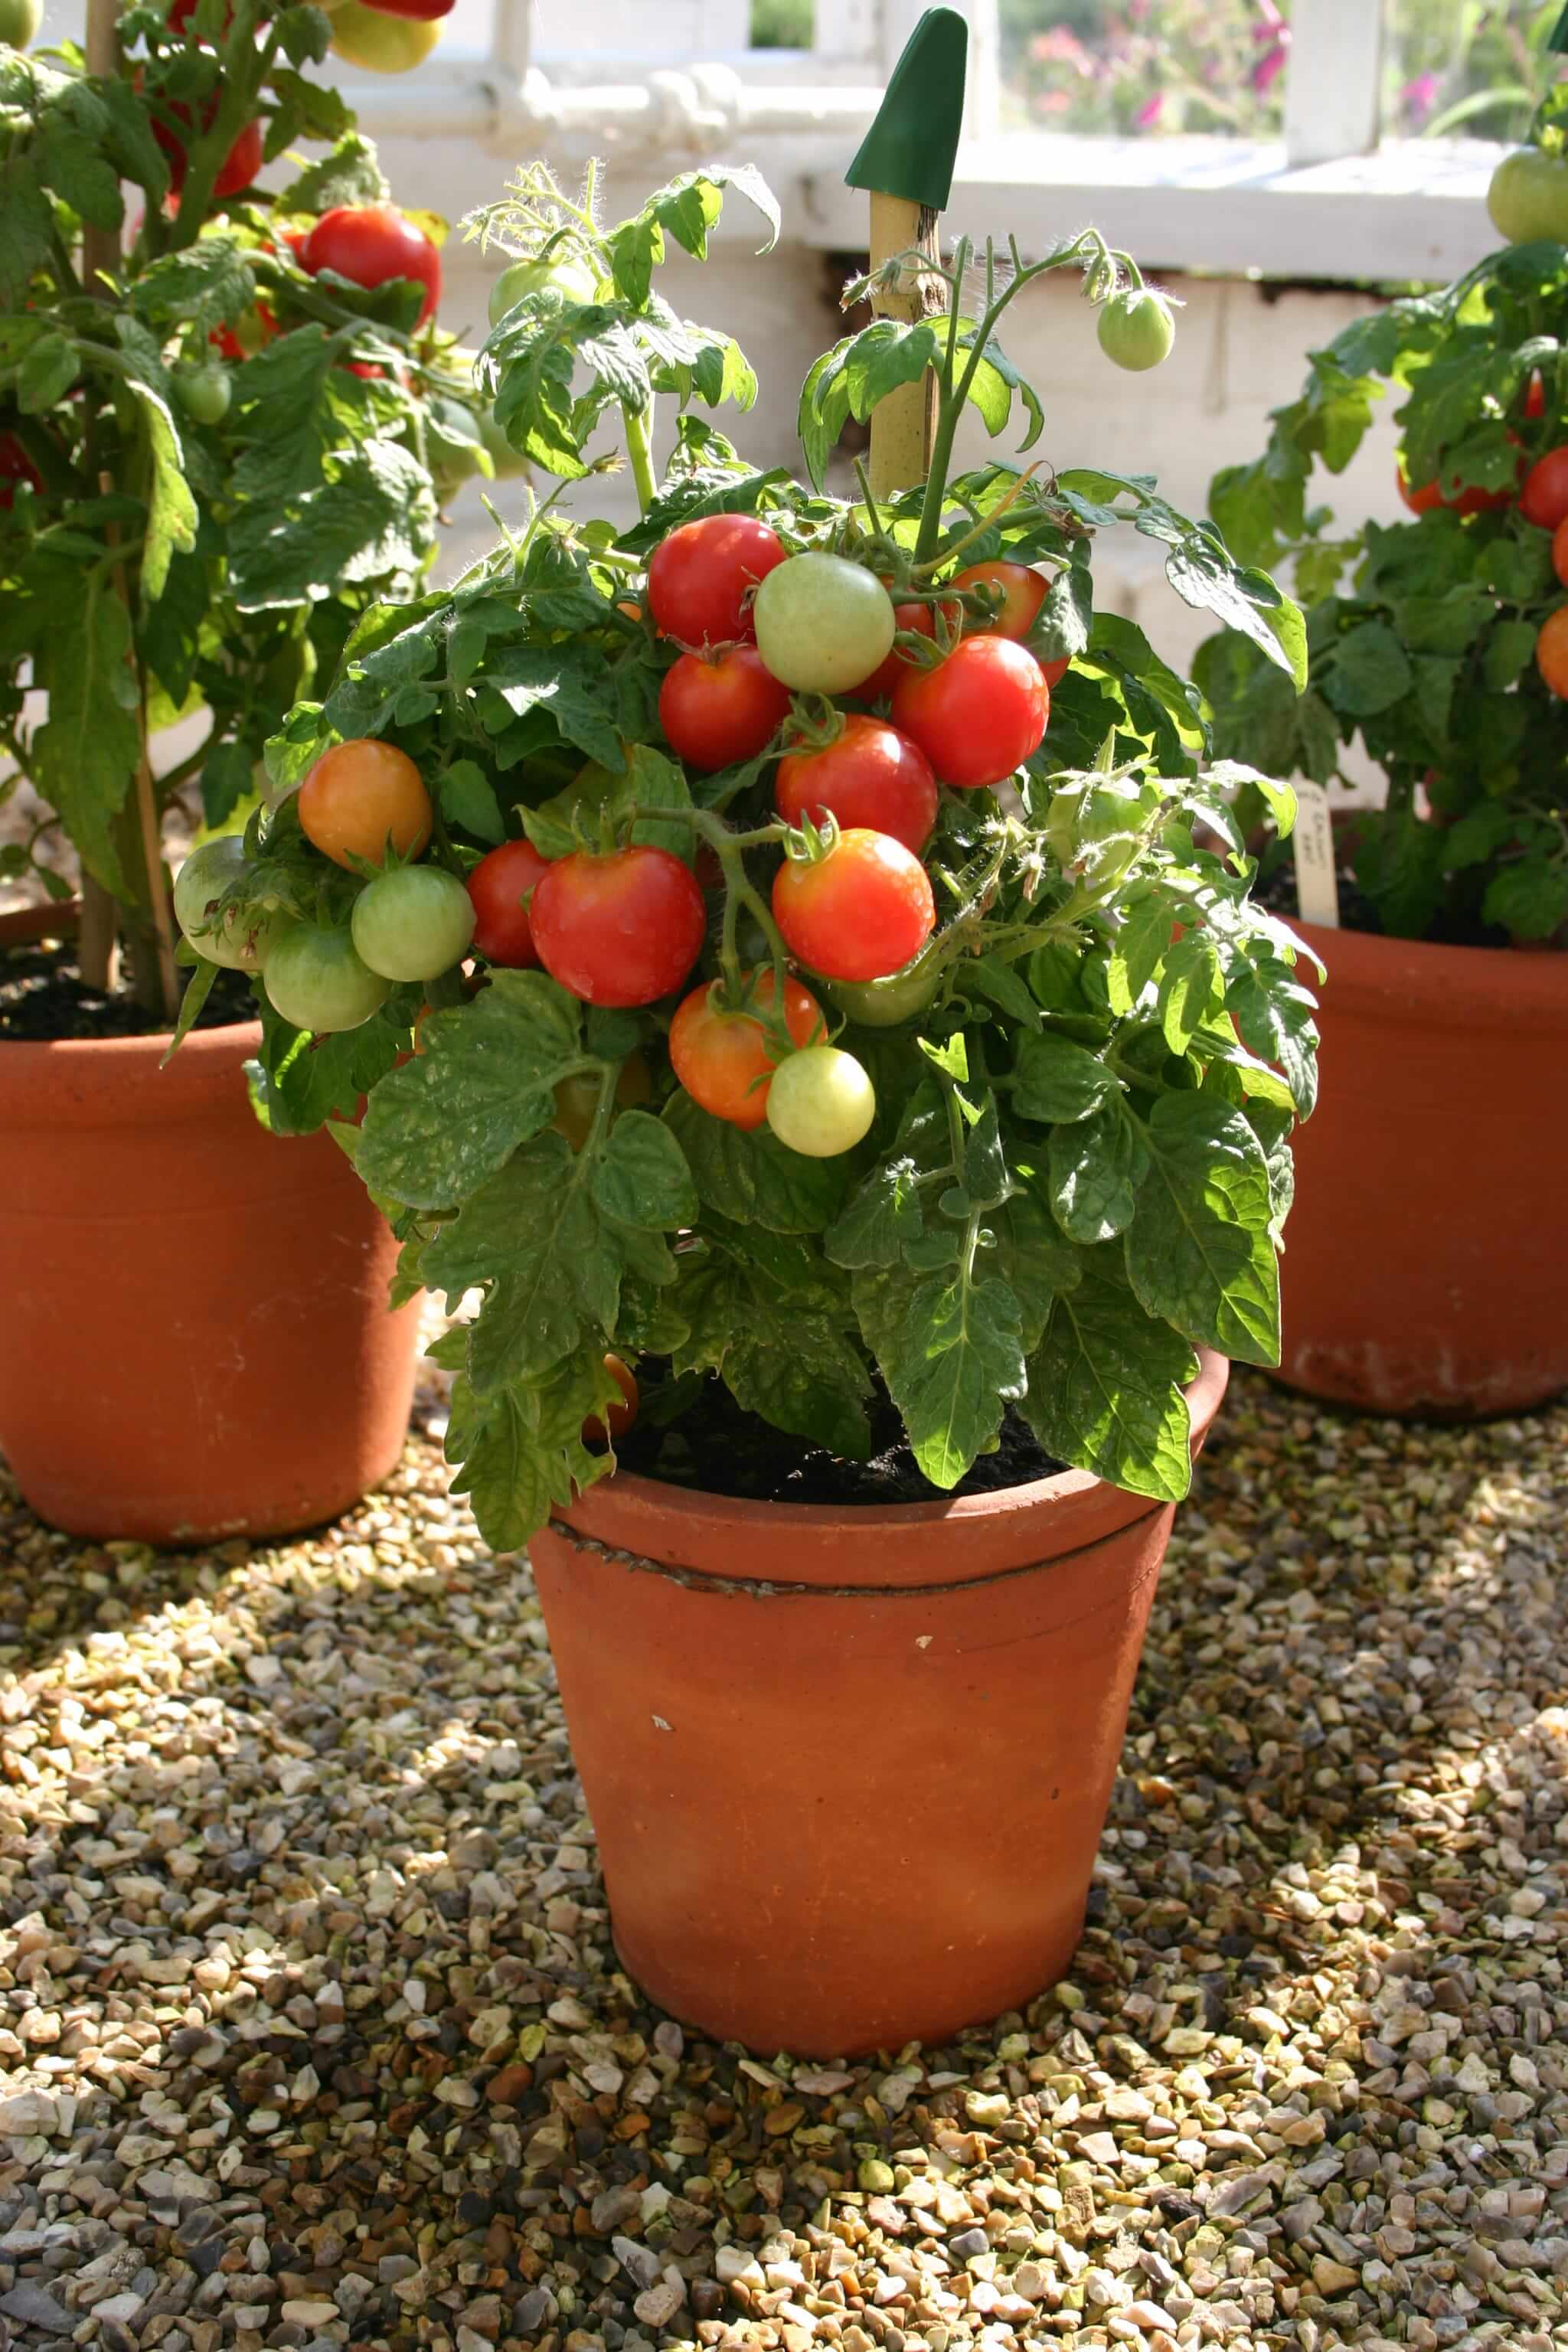 Small determinate tomato